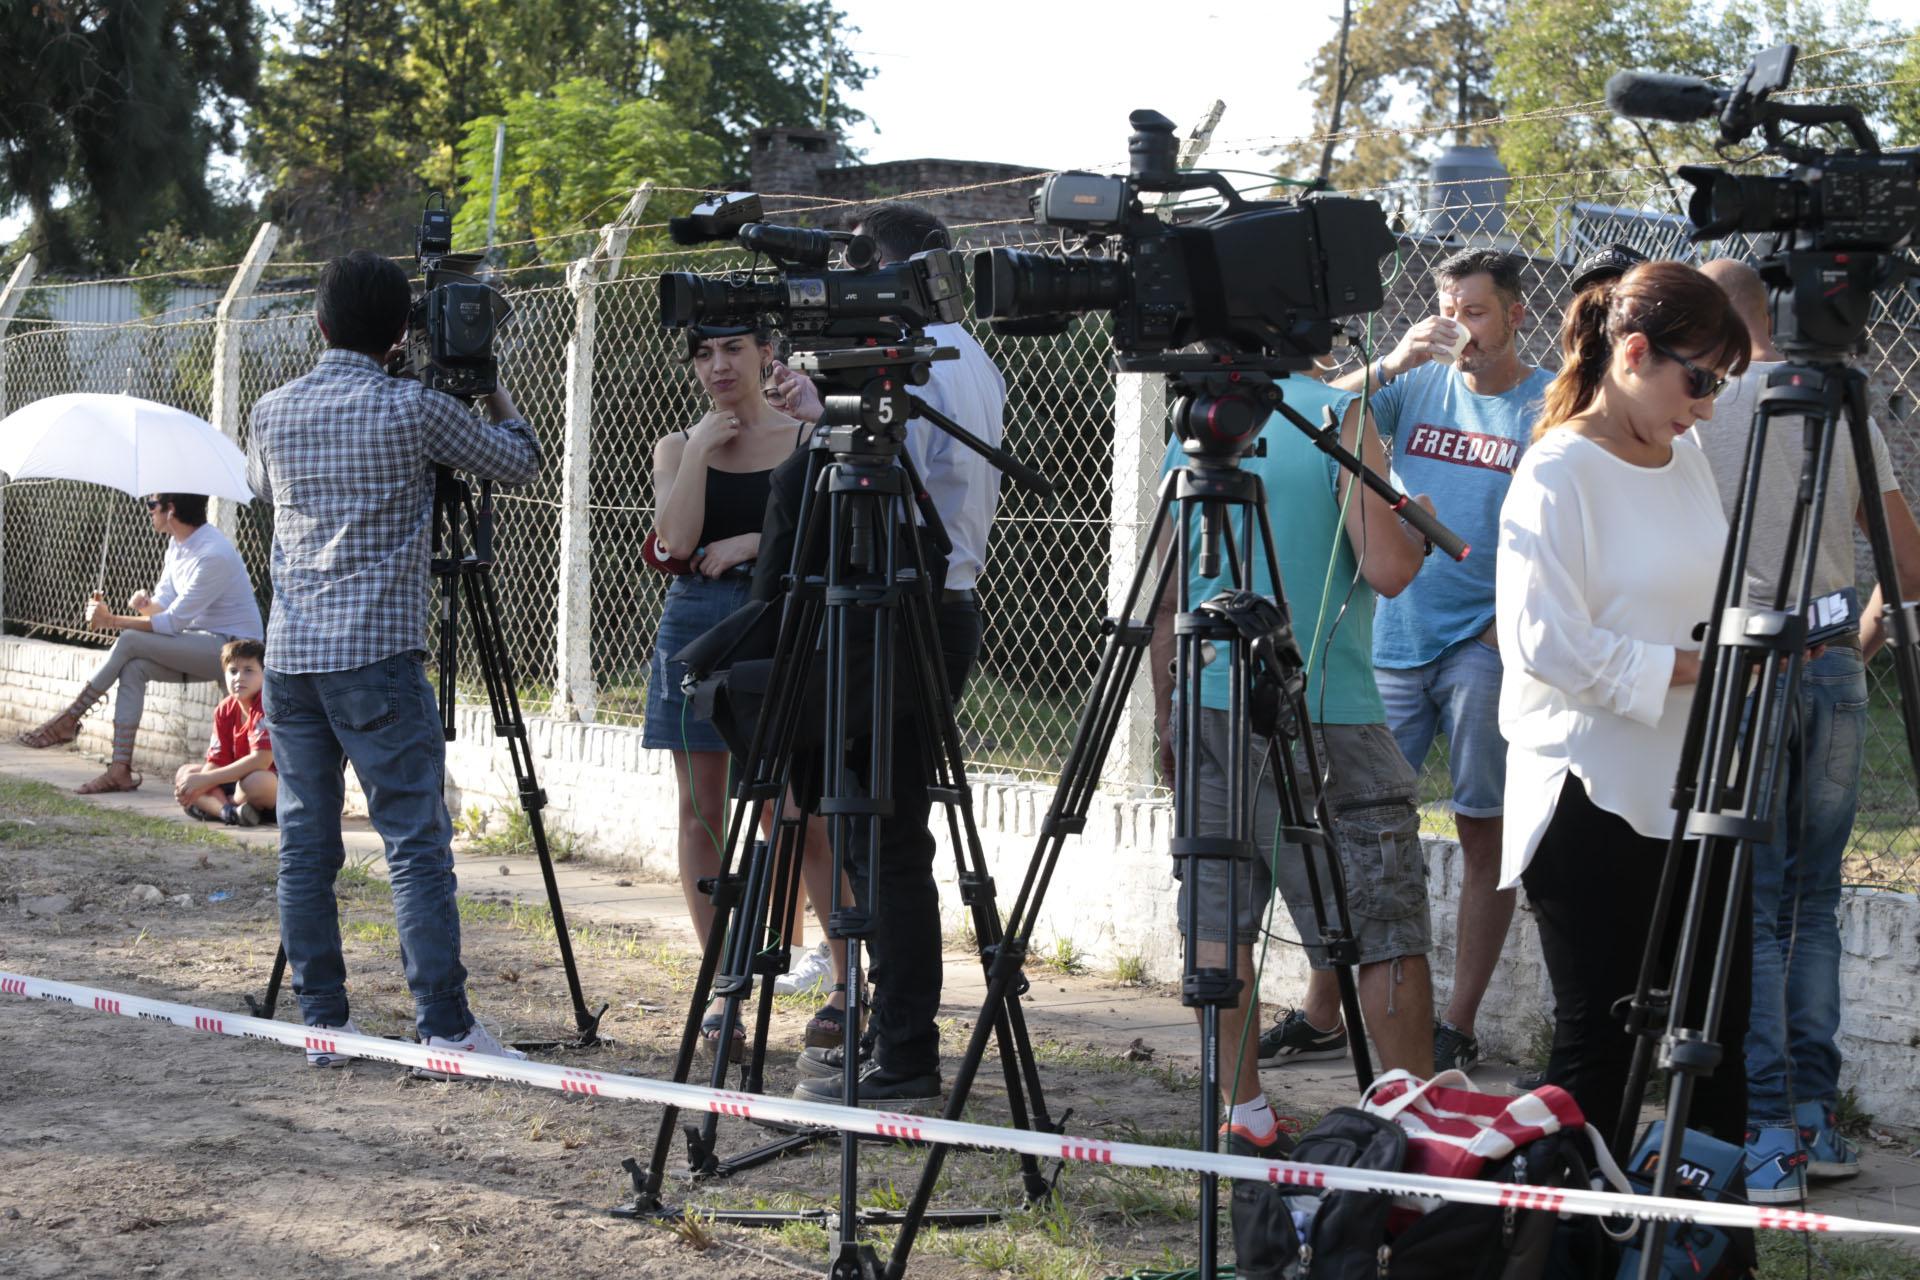 El periodismo hizo guardia en la puerta del lugar (Crédito de Foto: Christian Bochichio)